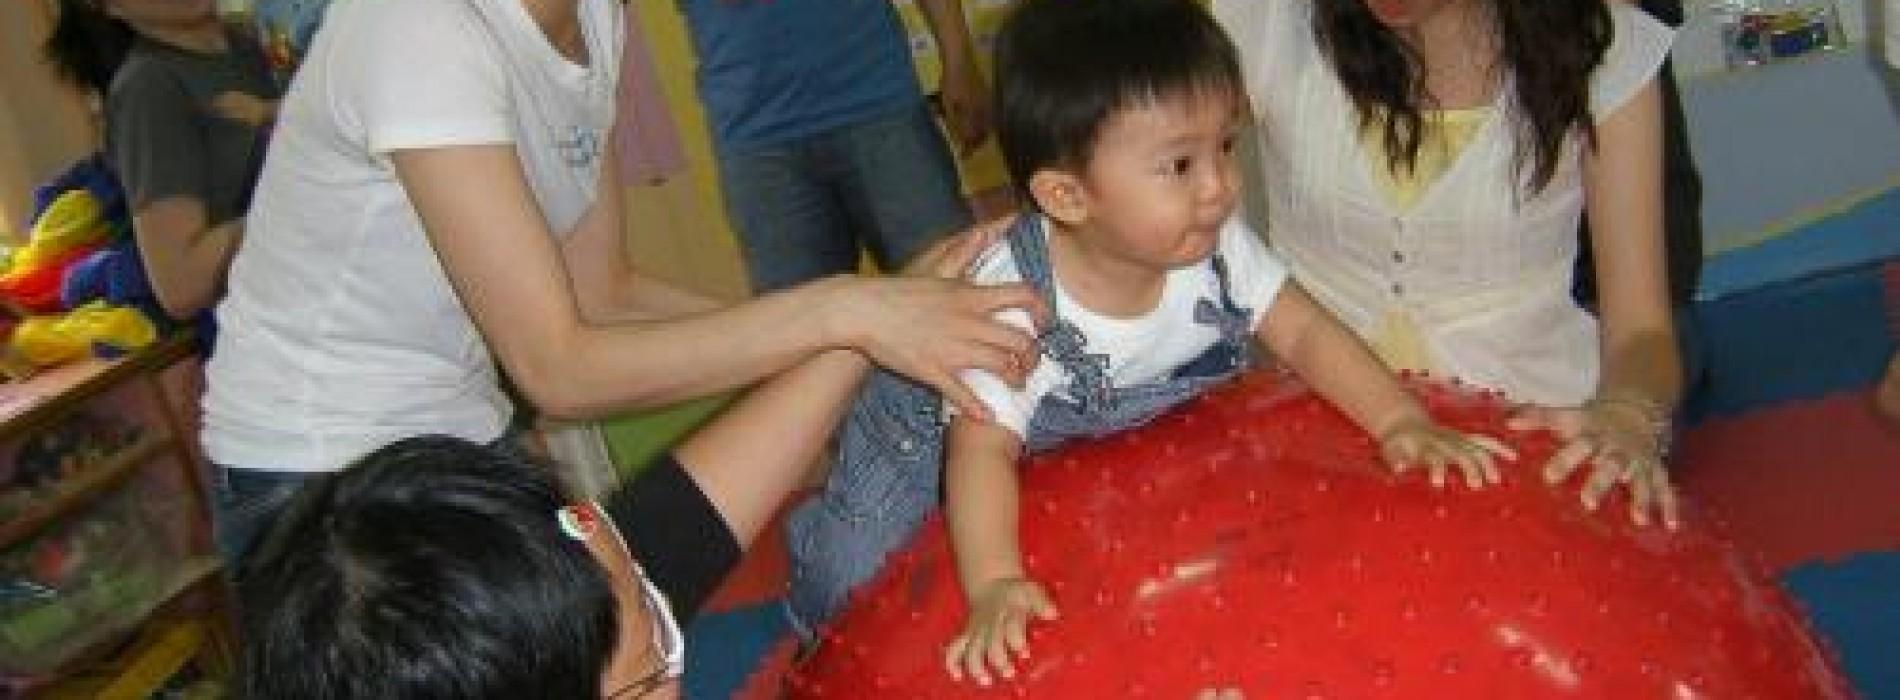 香港基督教服務處Pario親職兒童教育中心(銅鑼灣中心)